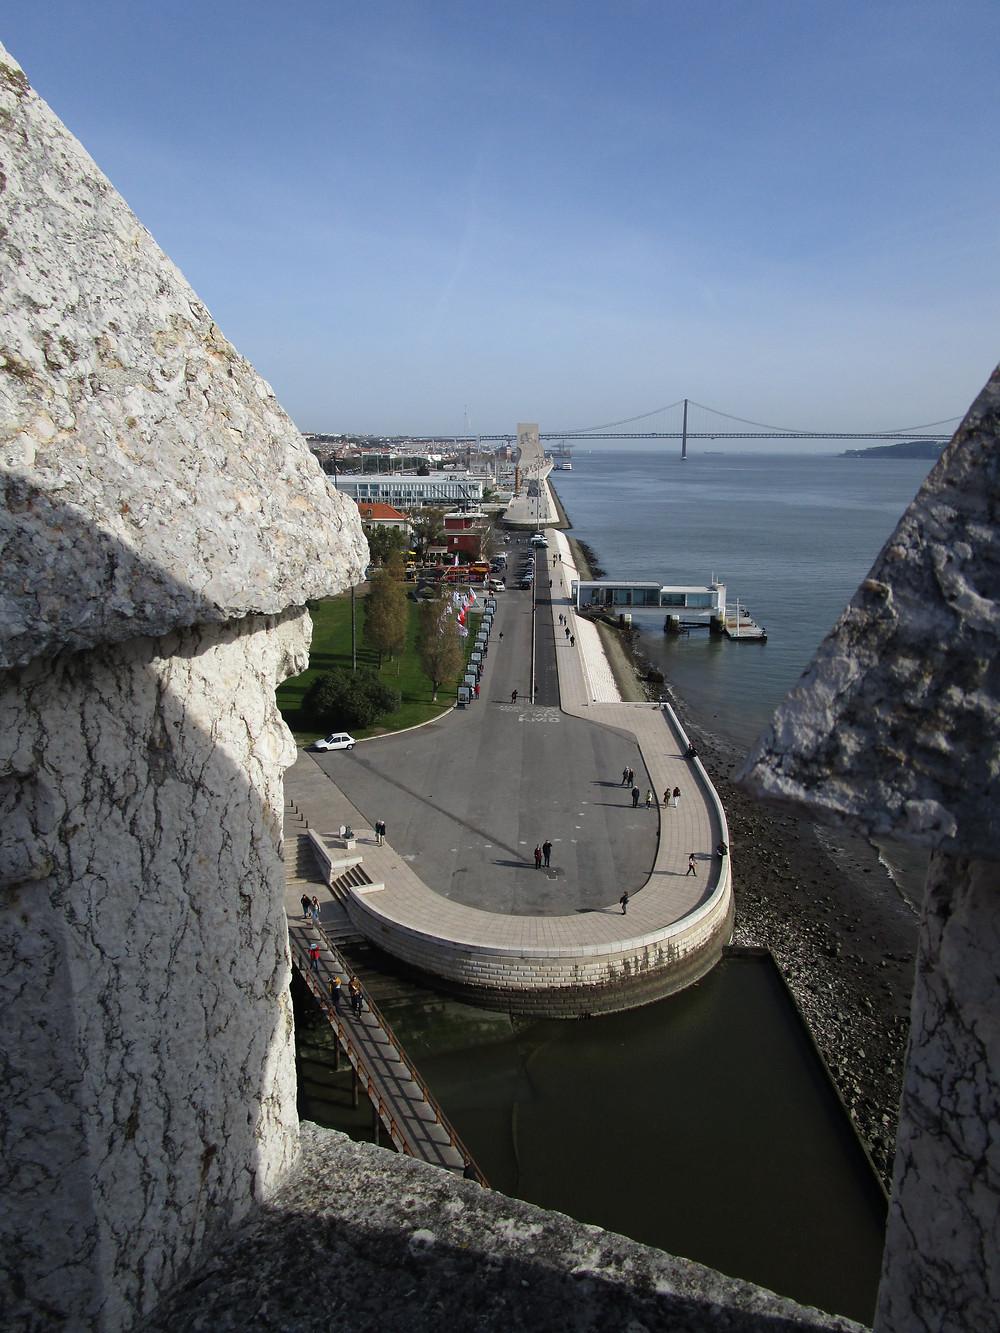 Belem Tower View of 25 de Abril Bridge